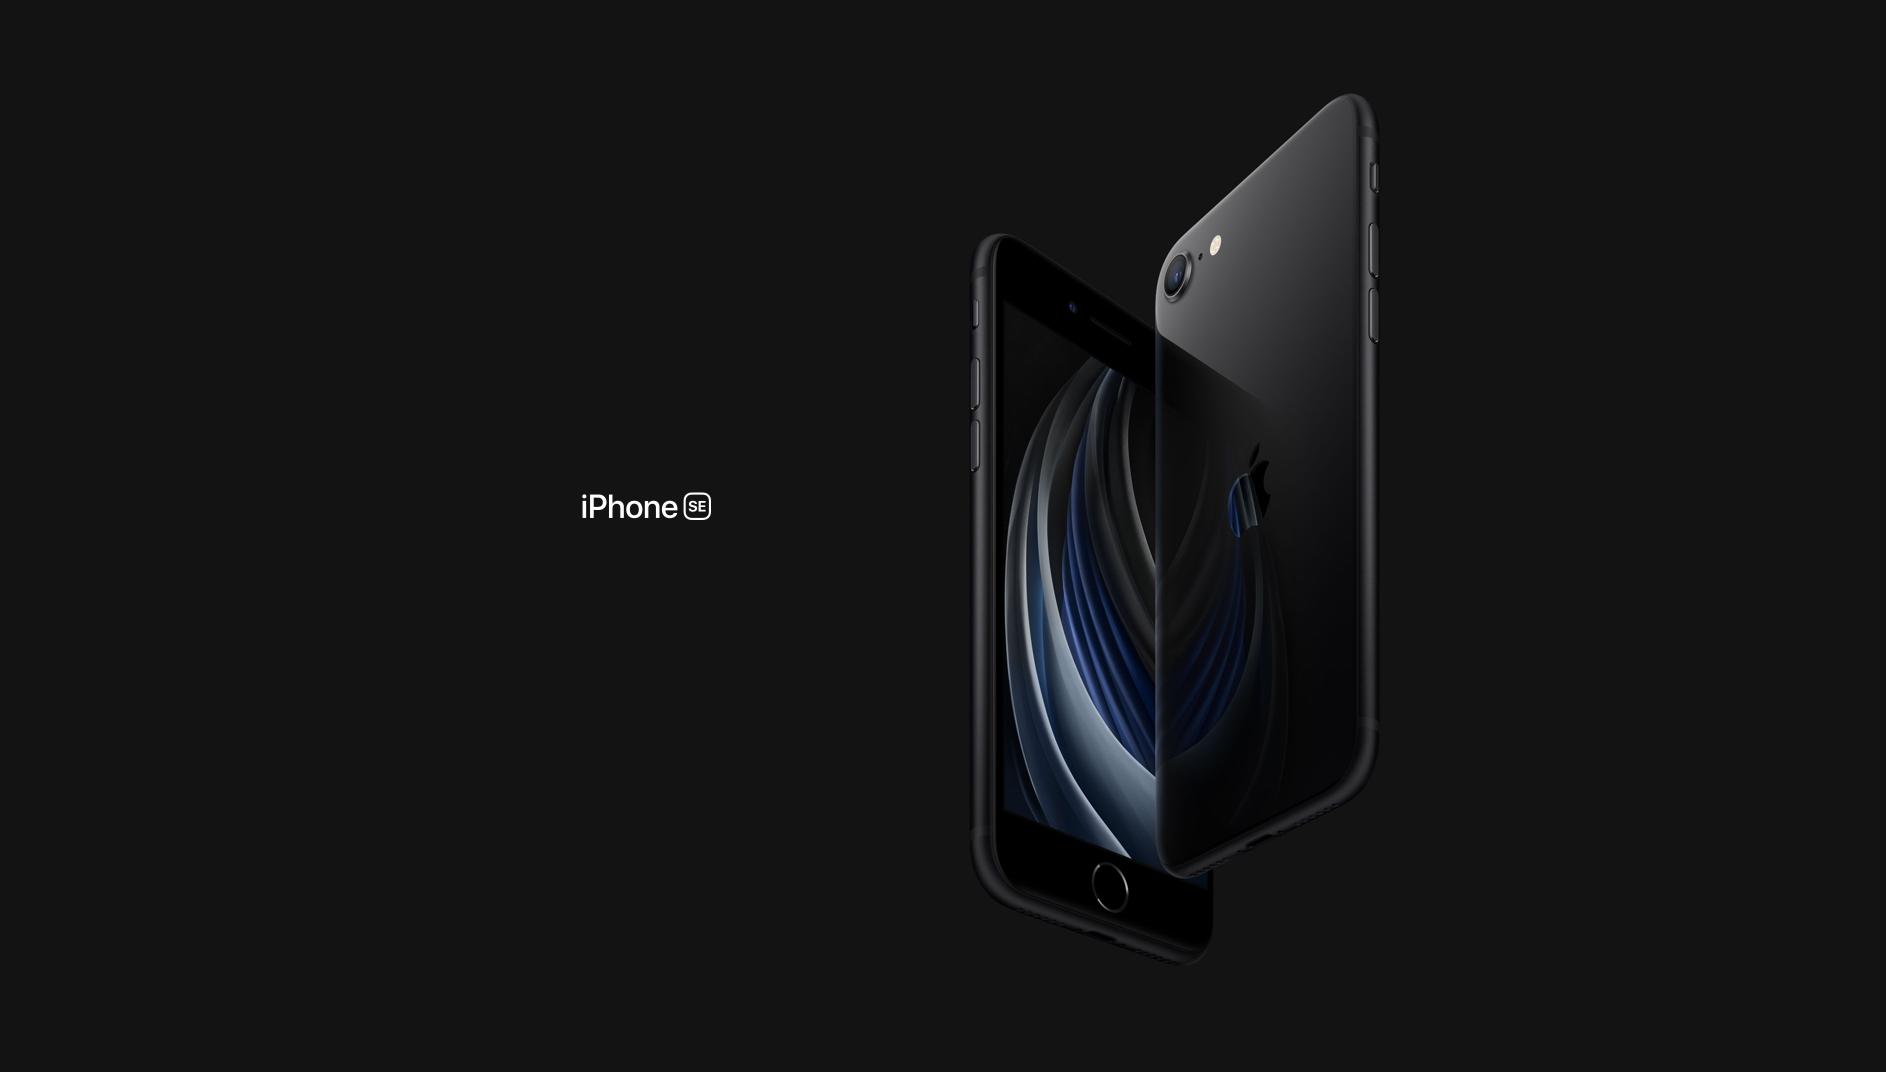 Co znamená SE vnázvu nového iPhonu